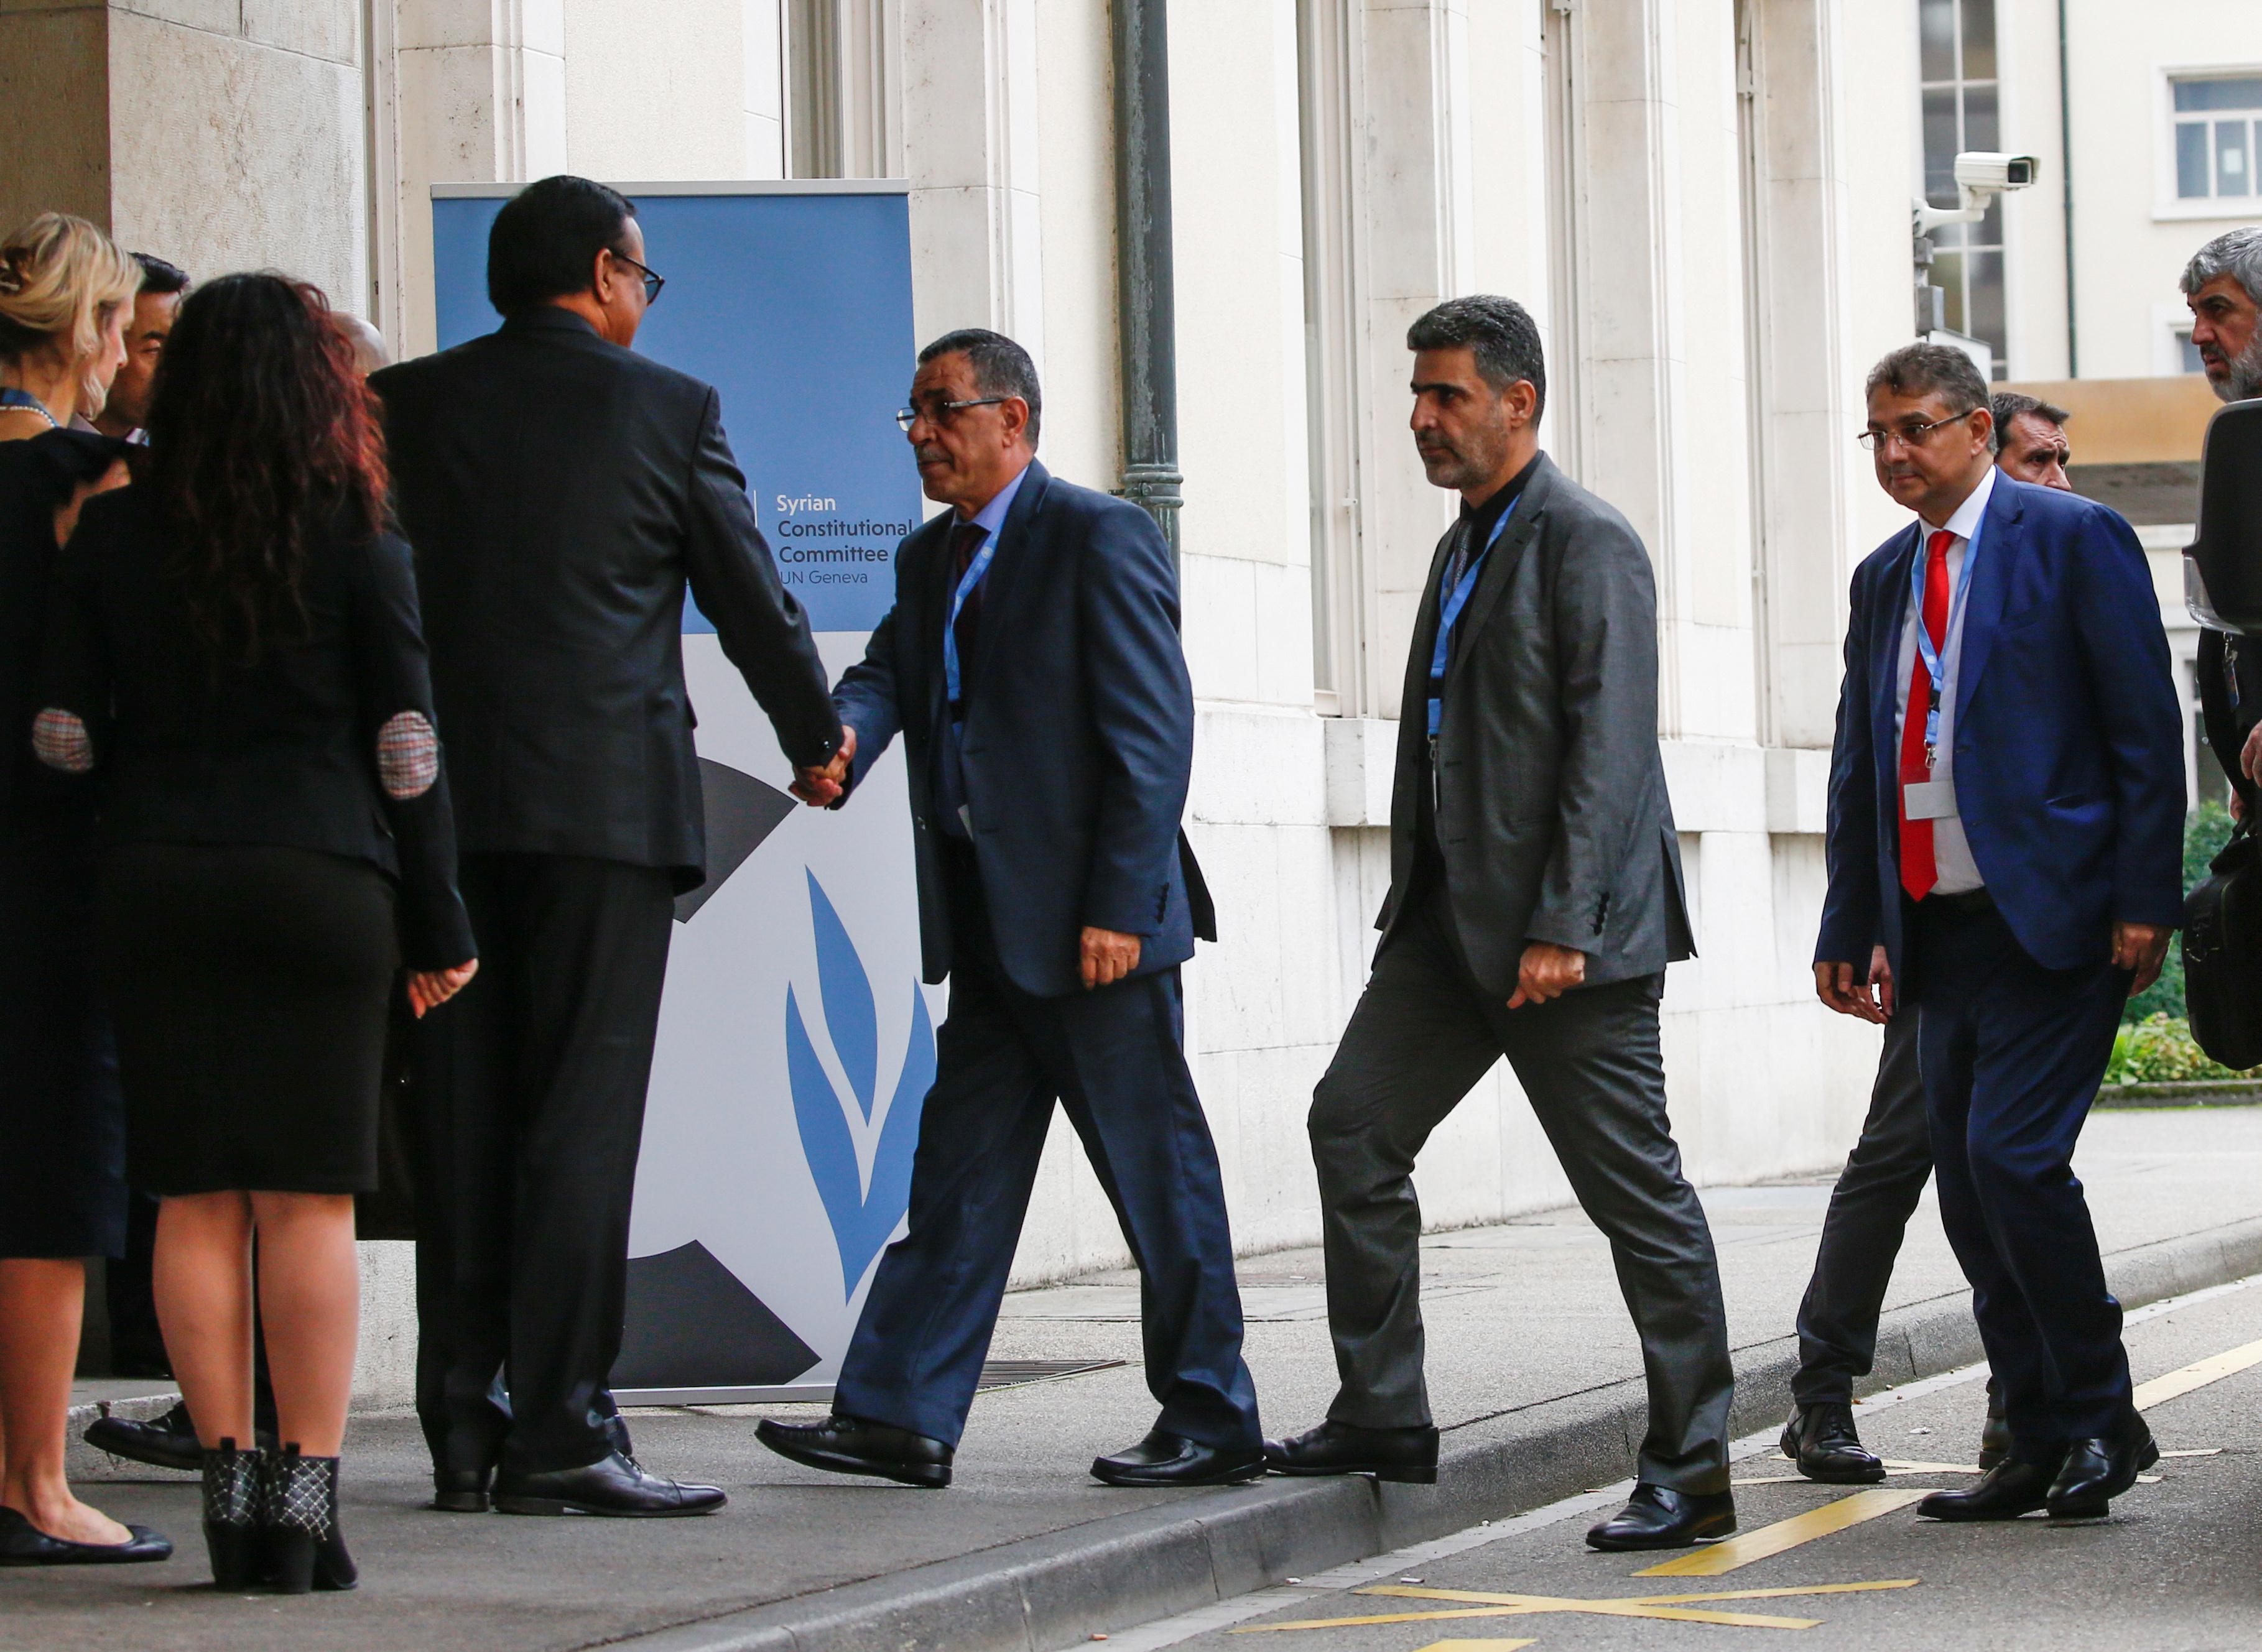 Première réunion du Comité constitutionnel syrien à Genève